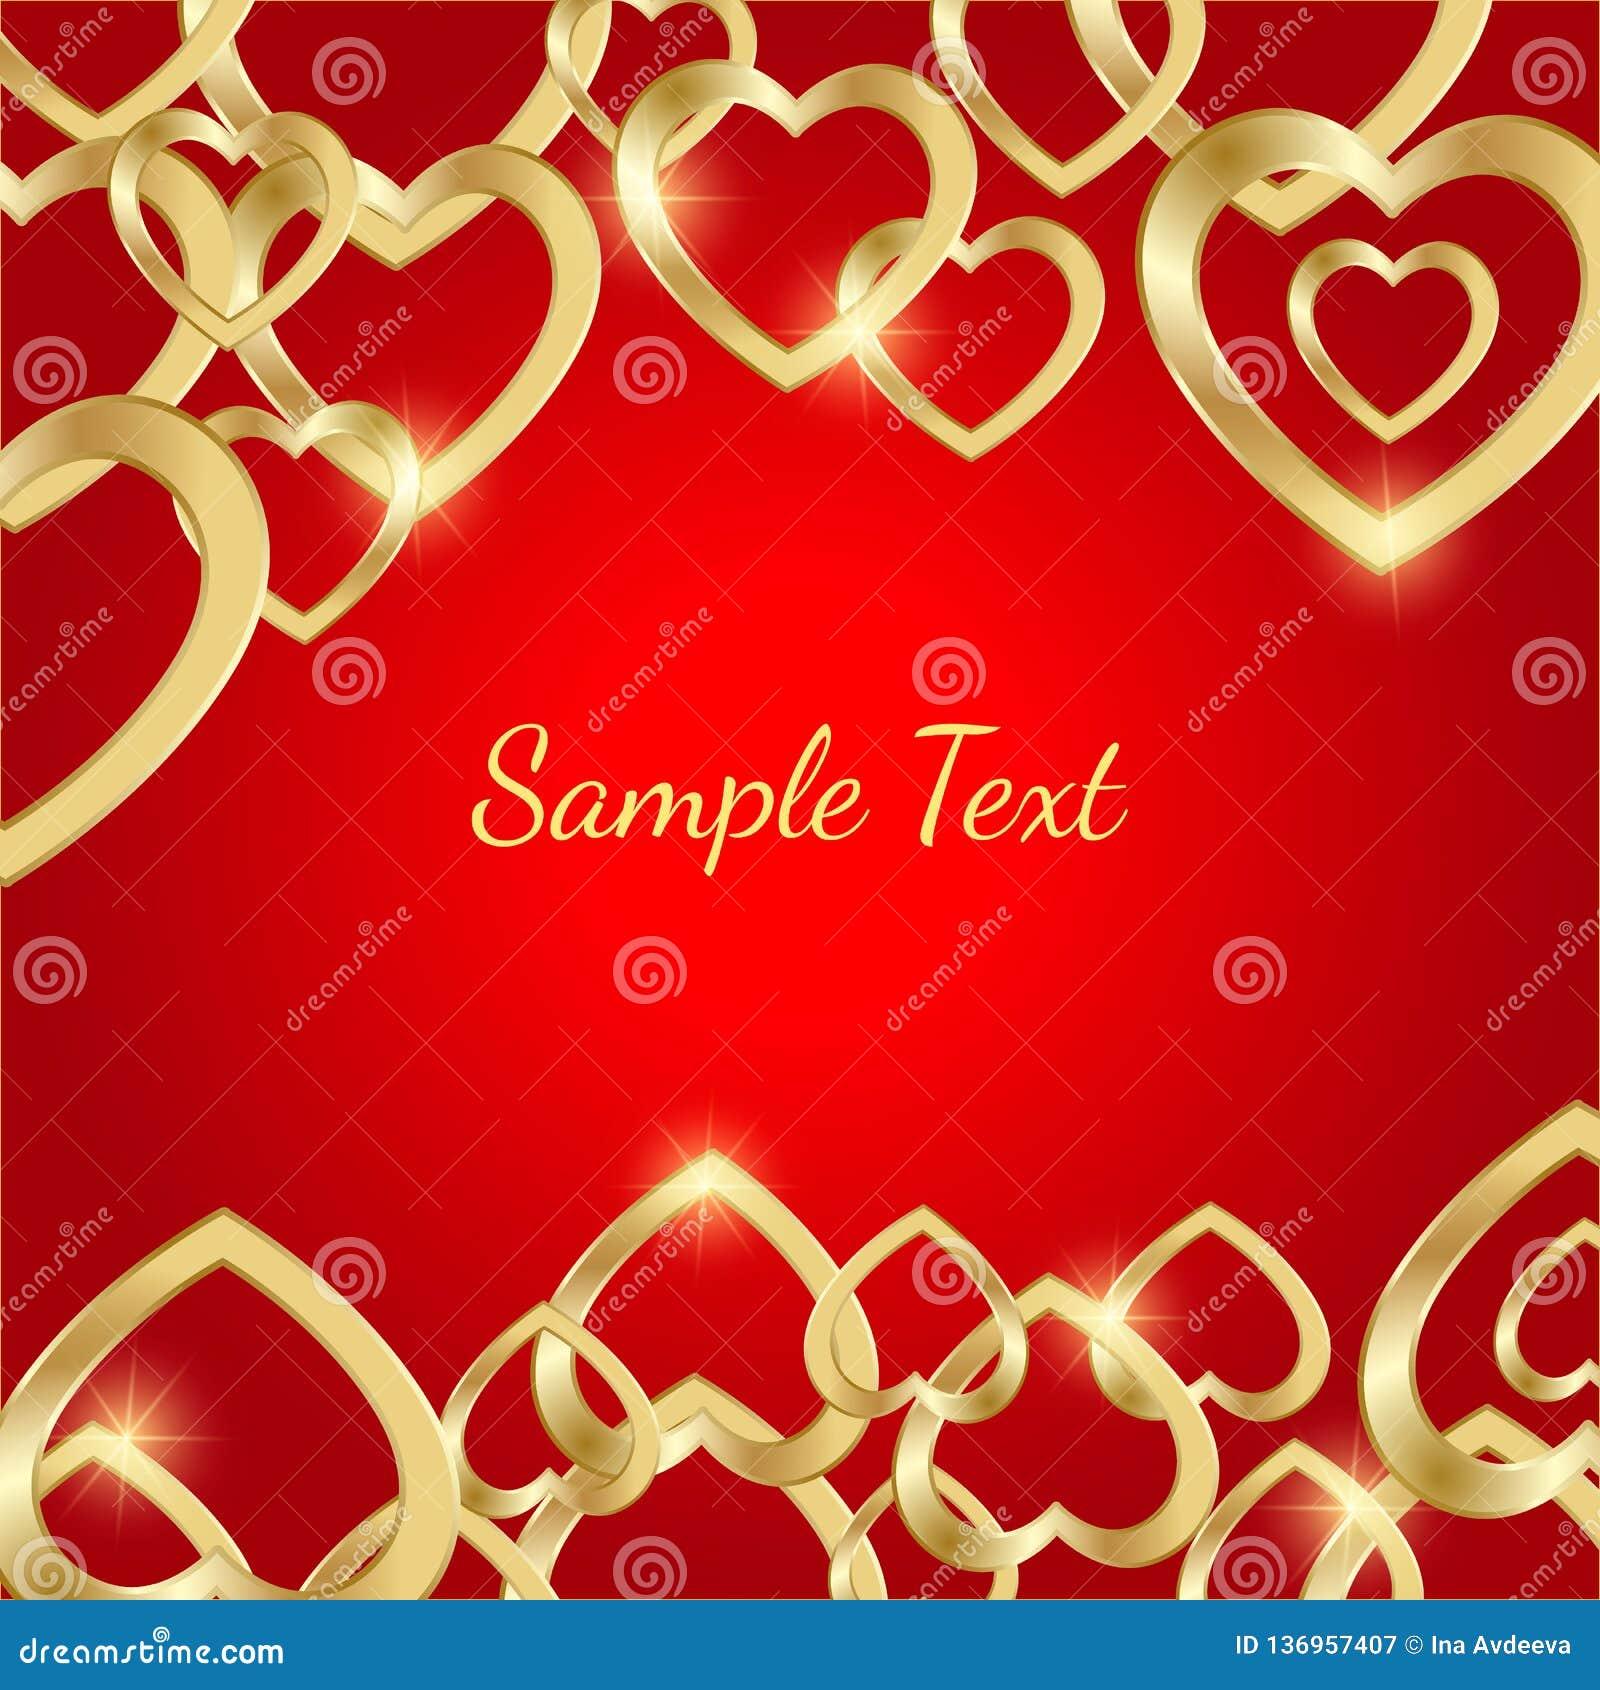 Ευχετήρια κάρτα με τις χρυσές καρδιές σε ένα φωτεινό κόκκινο υπόβαθρο